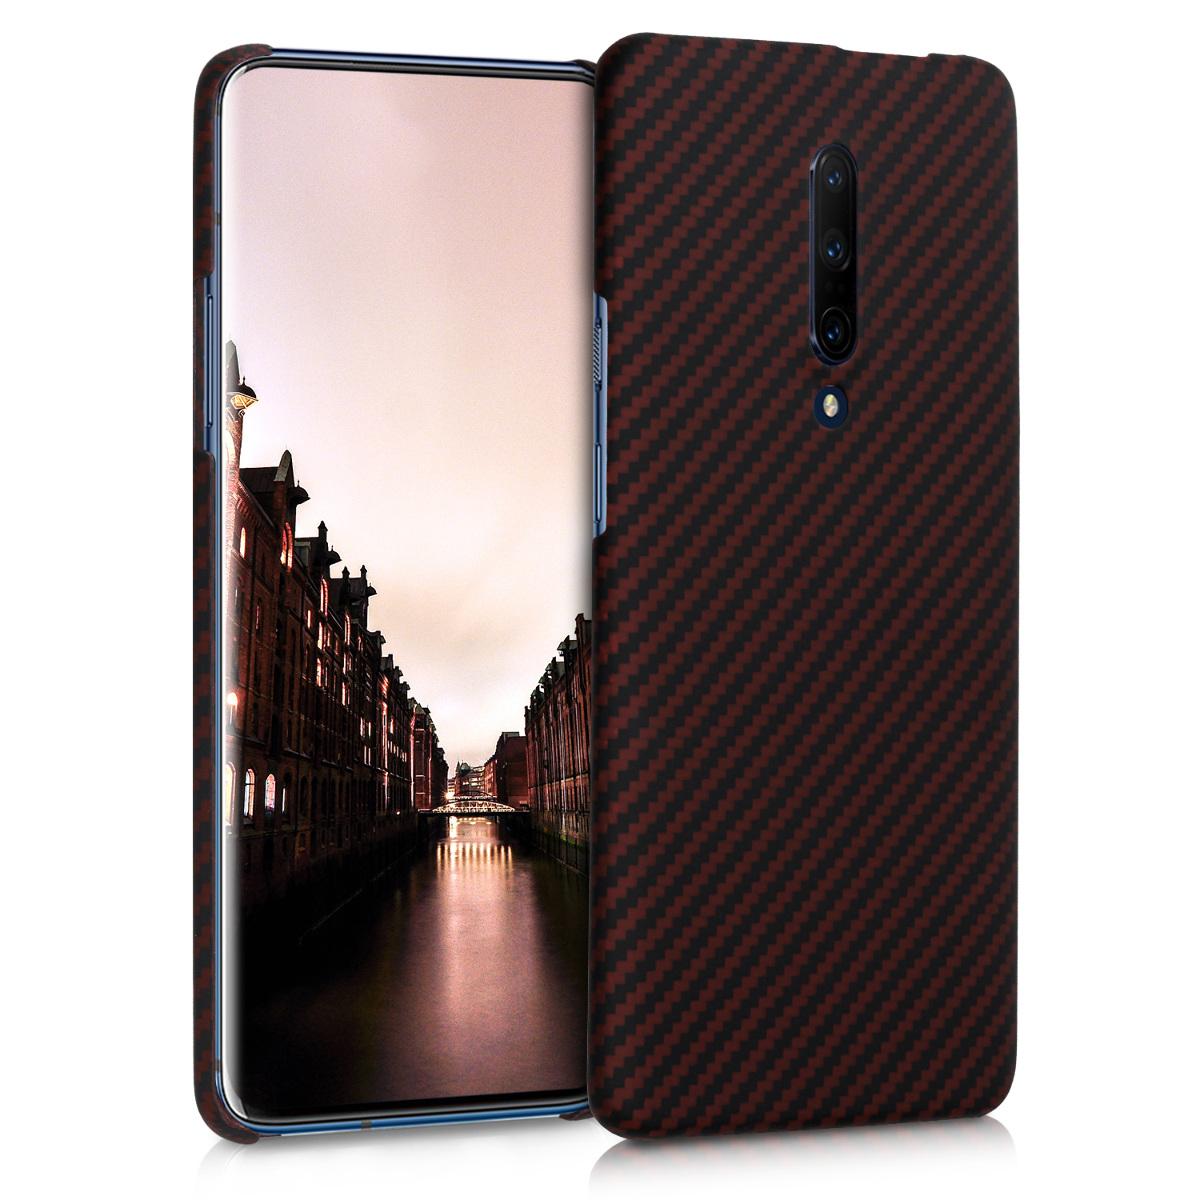 Kalibri Aramid Fiber Body - Σκληρή Θήκη OnePlus 7 Pro - Red / Black (48596.09)